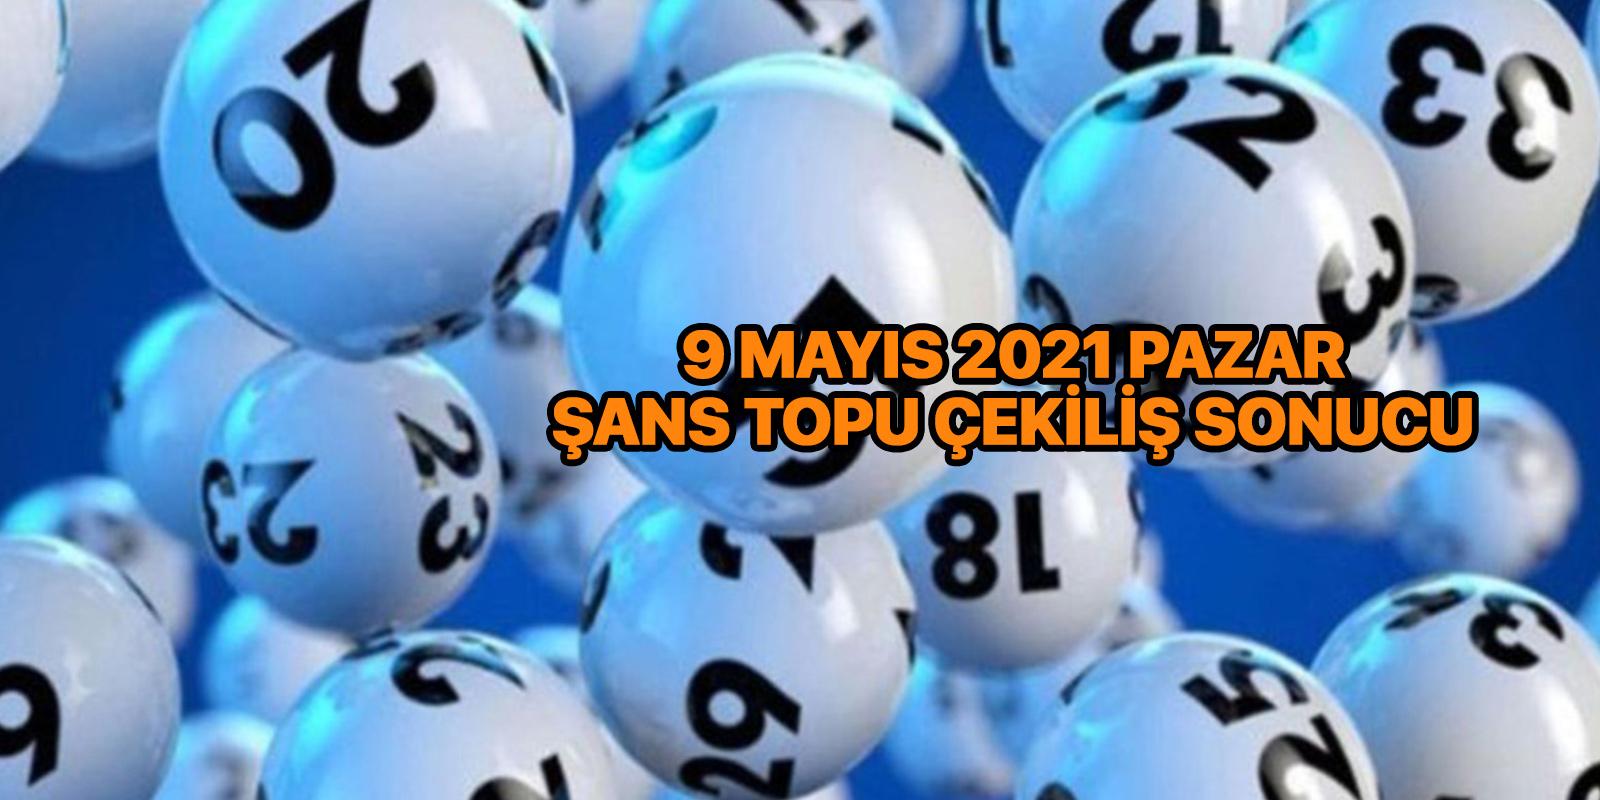 Şans Topu çekiliş sonuçları 9 Mayıs 2021 | Milli Piyango İdaresi